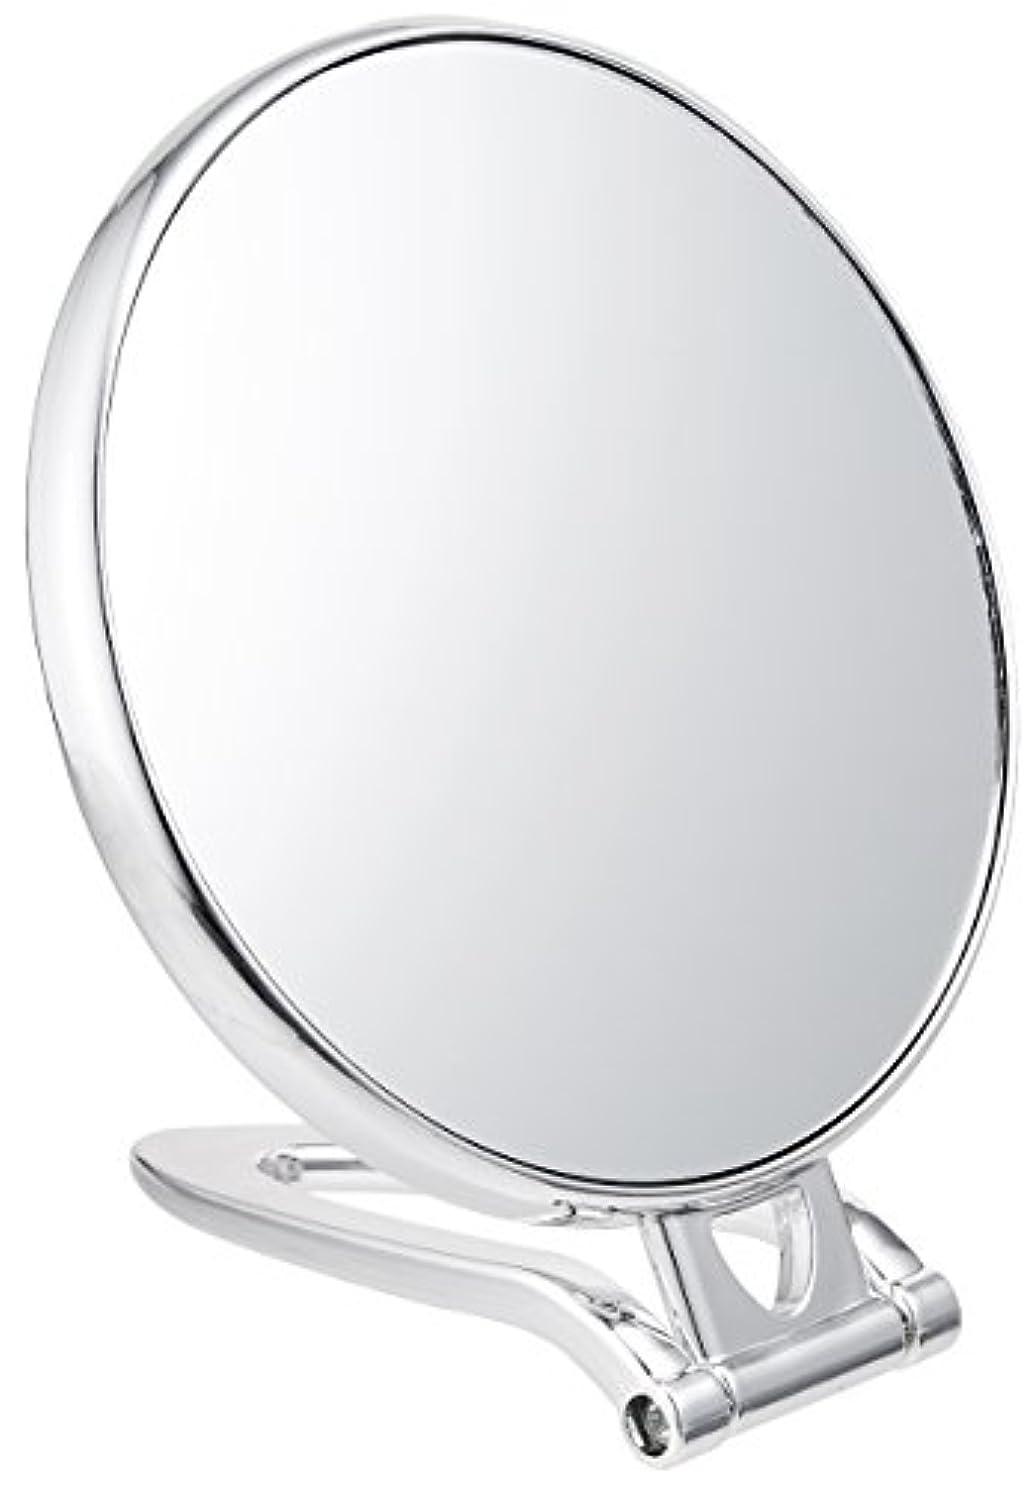 エアコン賃金セグメント拡大鏡付スタンドミラー(約2倍)シルバー